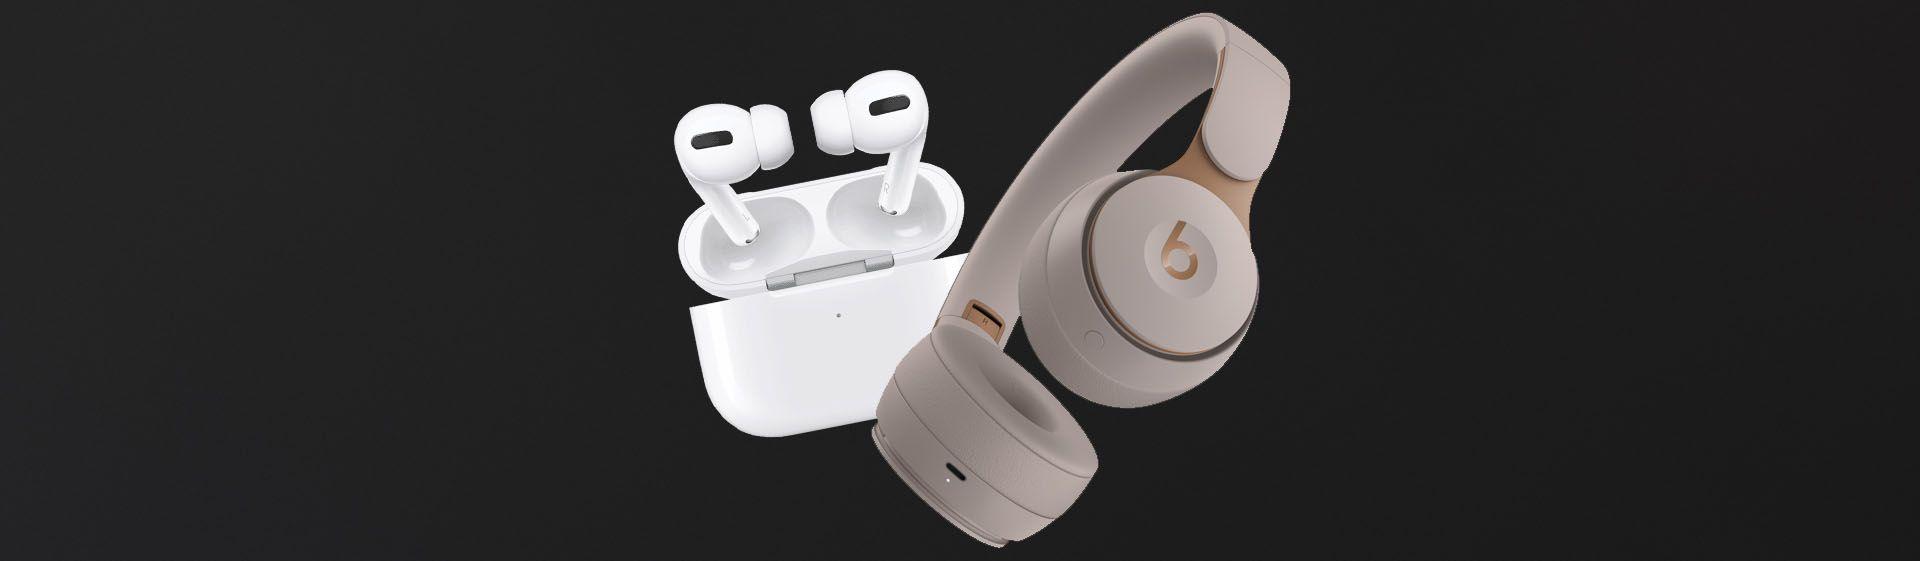 Fone com cancelamento de ruído: as melhores opções para comprar